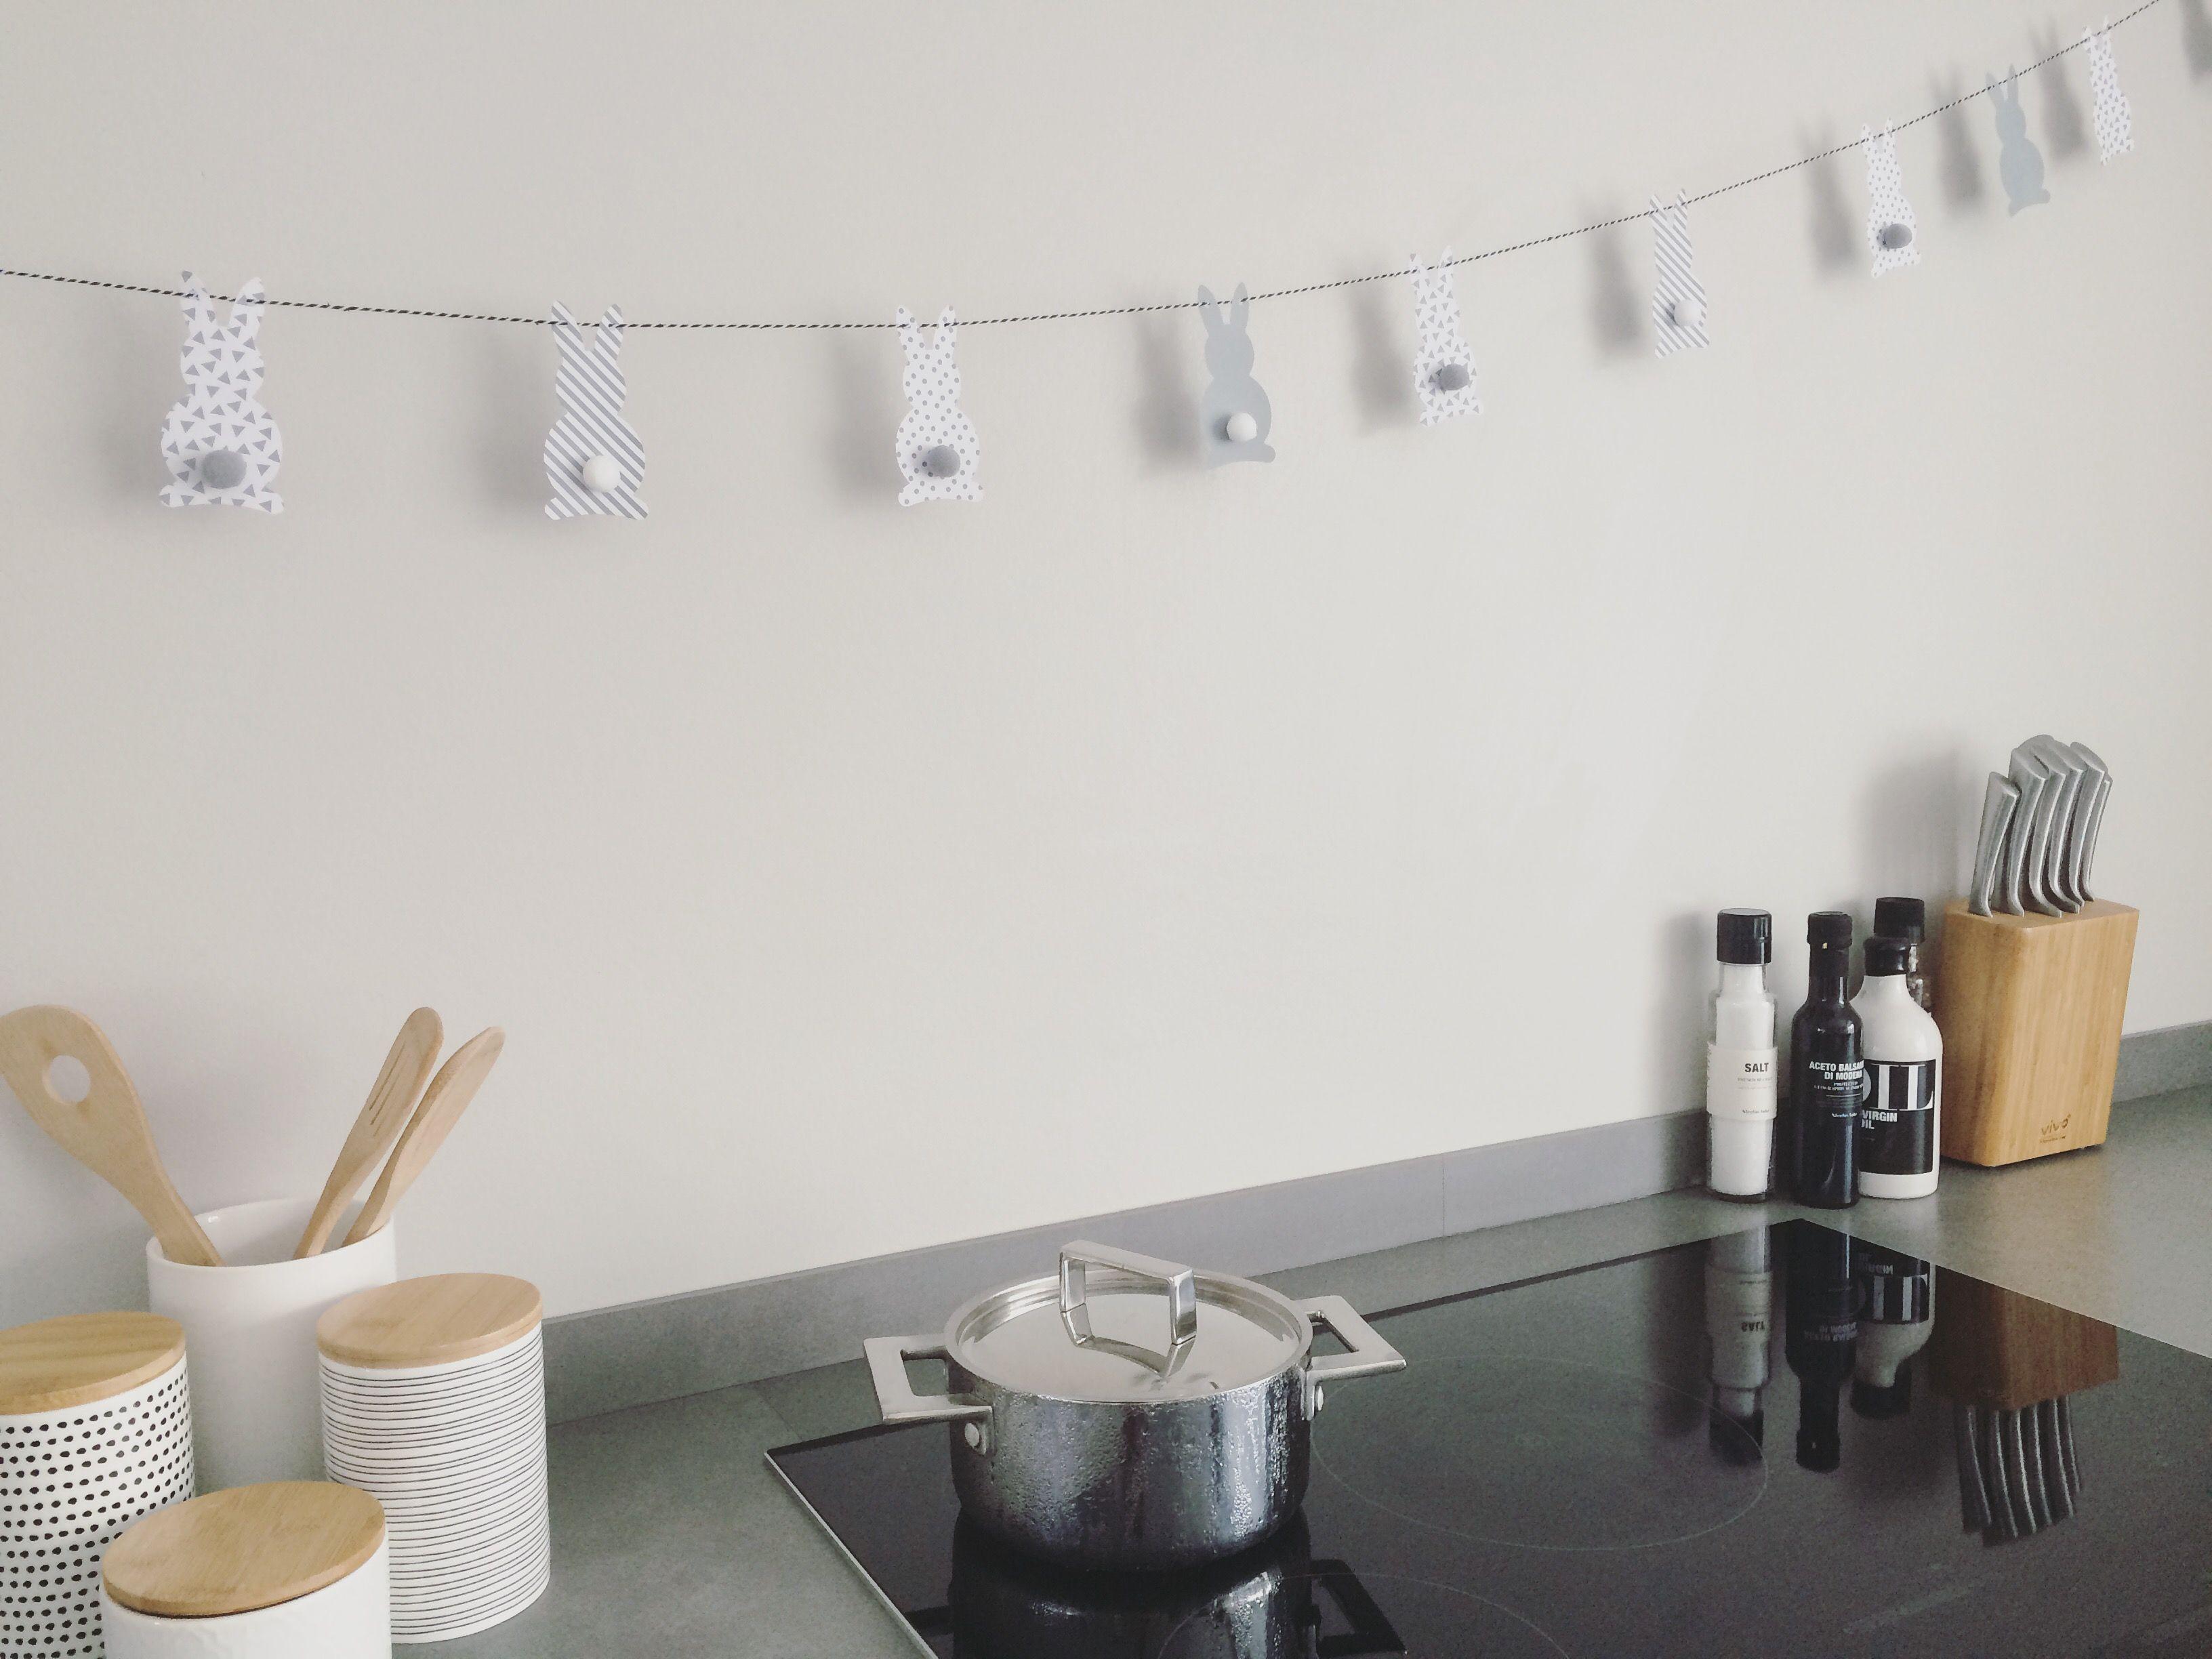 Badkamer Accessoires Action : Paasslinger van action keuken keukenaccessoires koken witte keuken